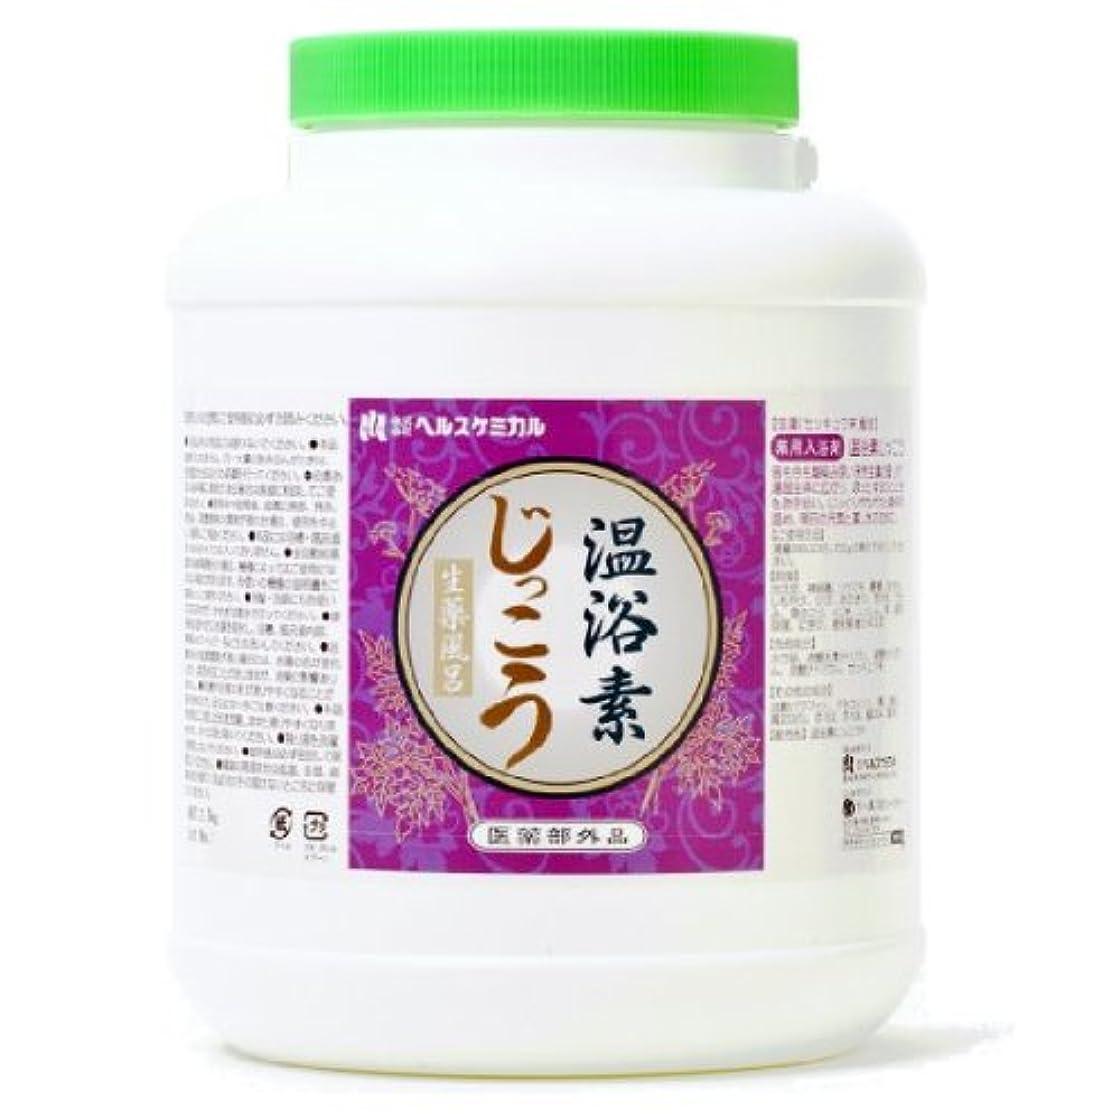 パプアニューギニアフィードオンメイト温浴素 じっこう 2.5kg 約125回分 粉末 生薬 薬湯 医薬部外品 ロングセラー 天然生薬 の 香り